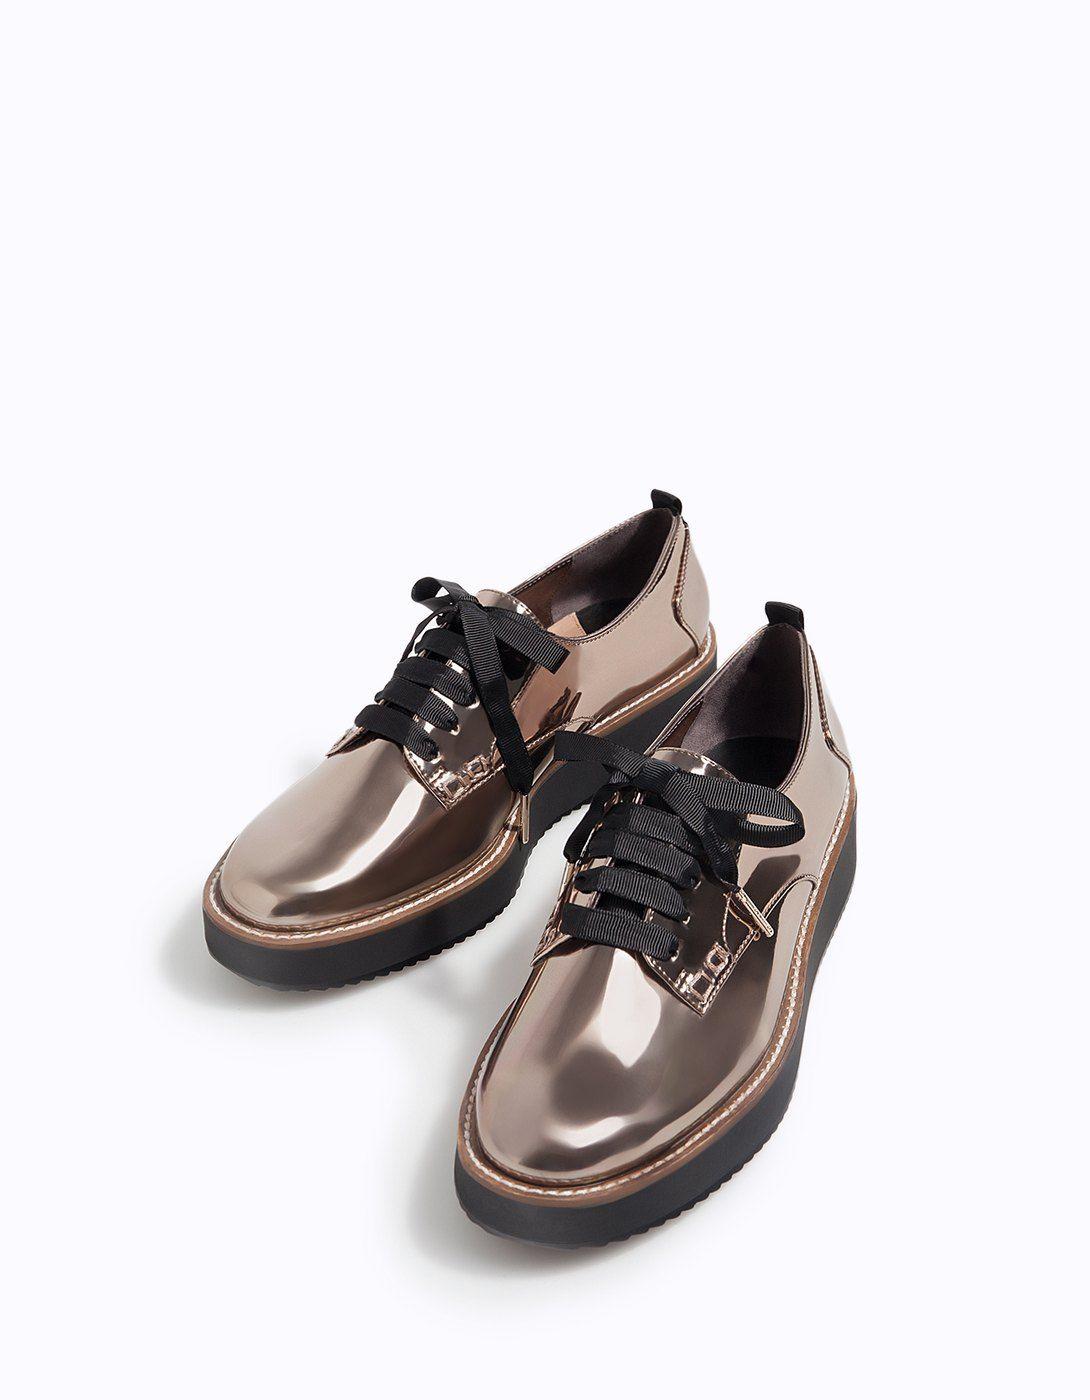 5126f8576fa01 Blucher metalizado piso eva - Zapatos planos